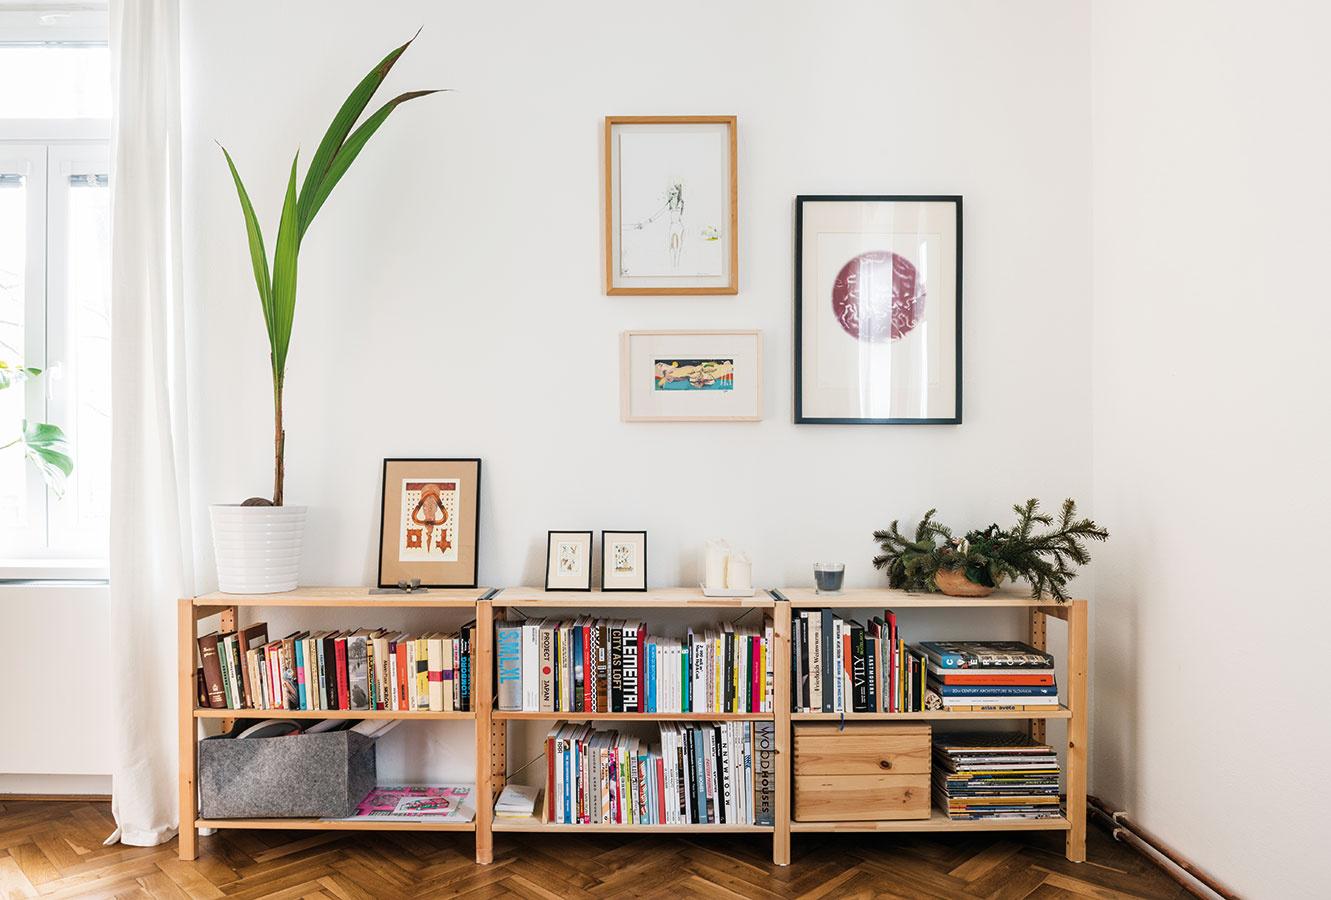 Jednoduchý afunkčný nábytok je presne to, čo malé byty potrebujú. Bežné skrinky zIkey prispôsobili tak, aby mali tie správne proporcie.